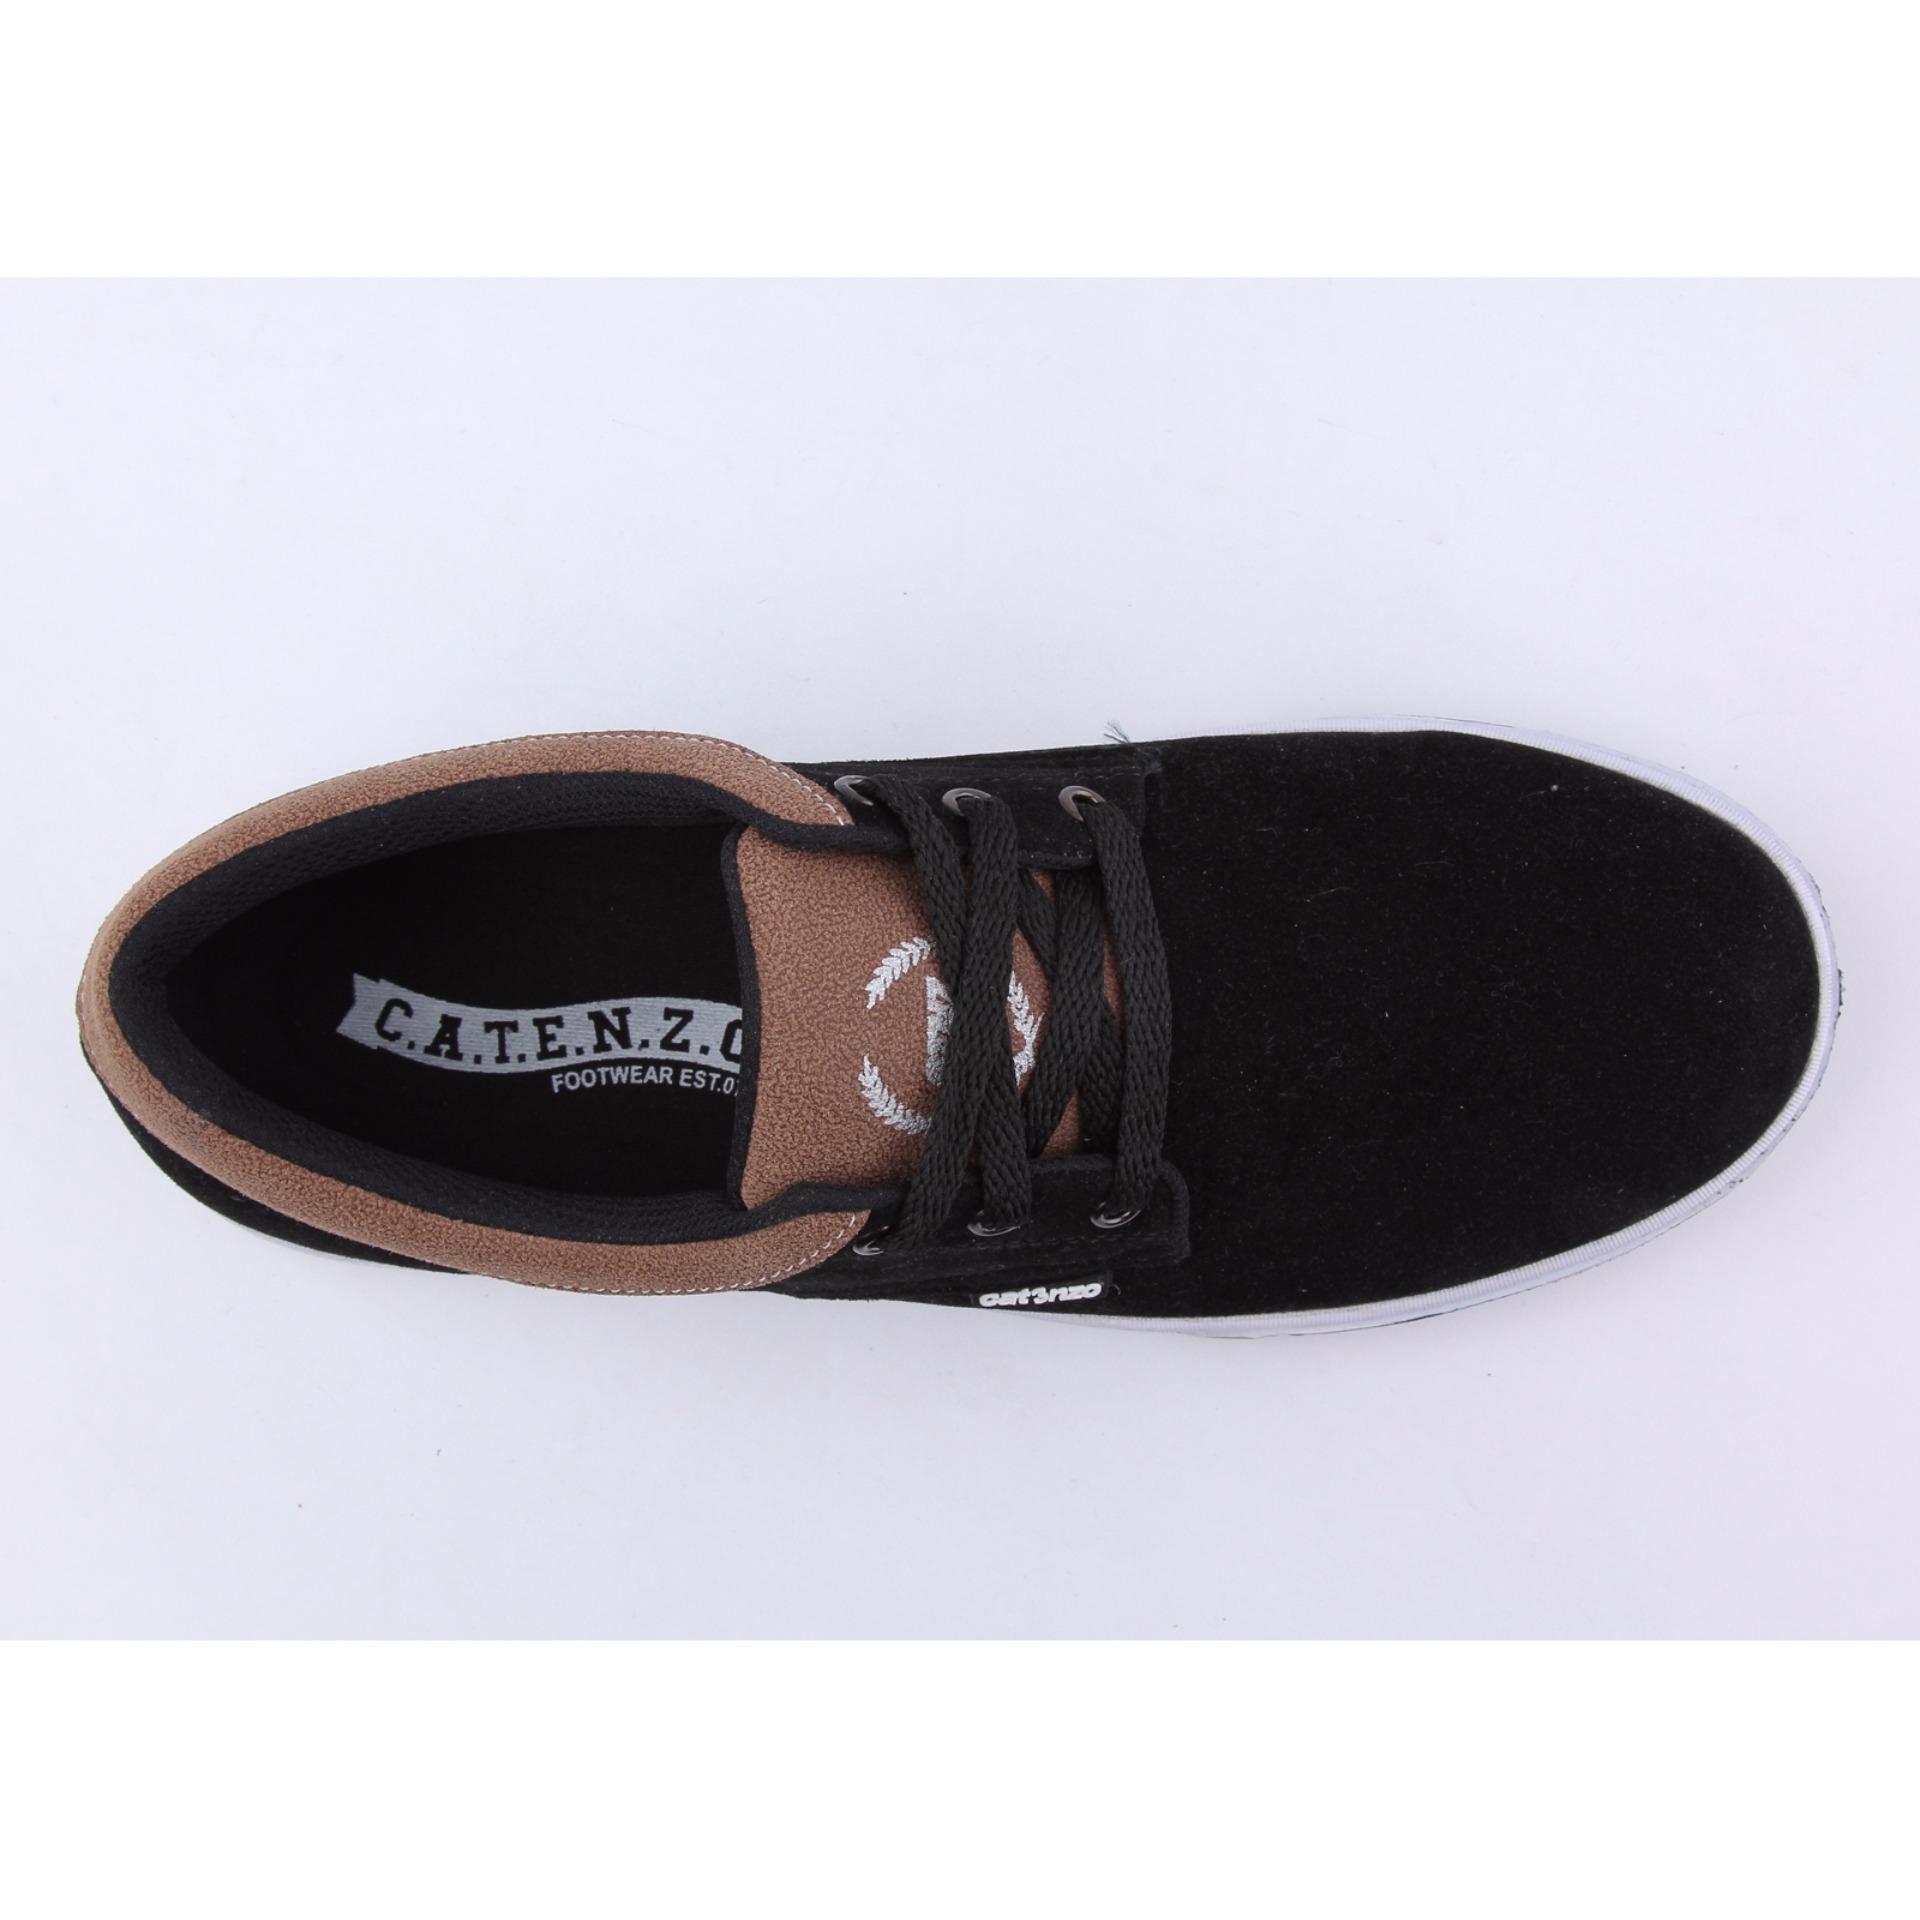 Harga Penawaran Catenzo Sepatu Sneakers Kets Casual Pria Murah 100 Original Berkualitas